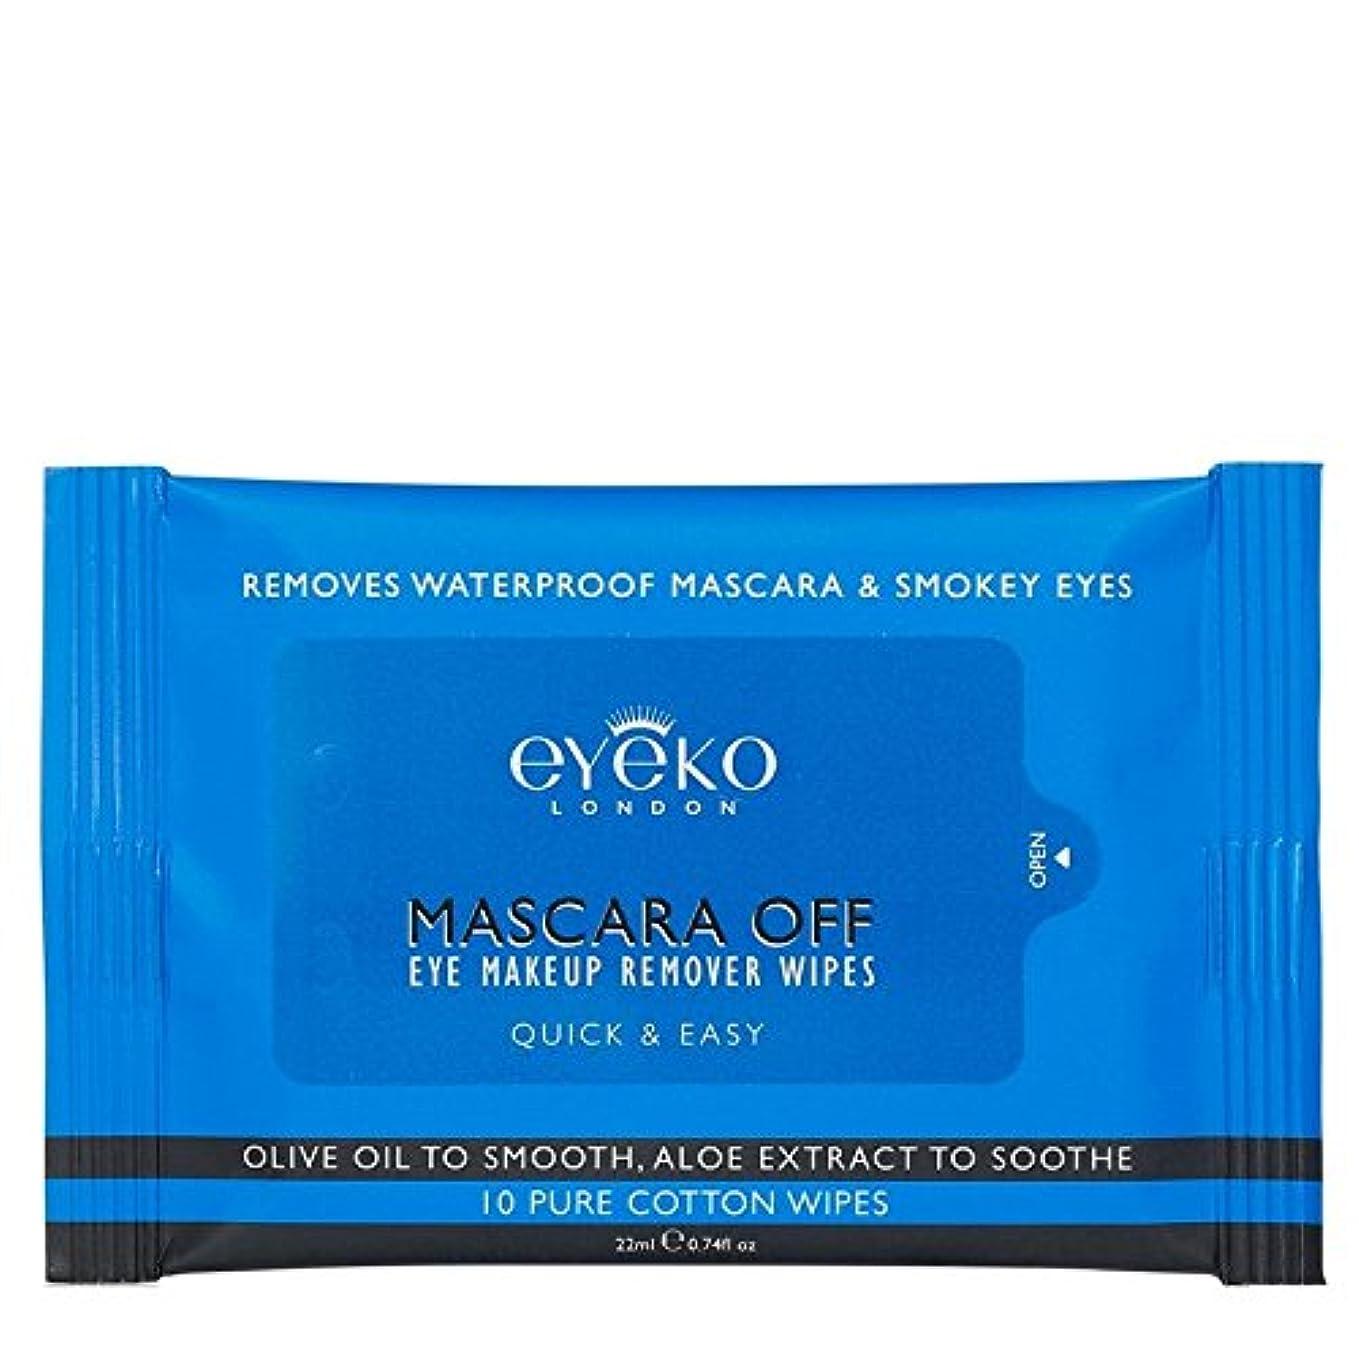 マリン体操選手遊びますマスカラオフパックあたり10ワイプ x2 - Eyeko Mascara off Wipes 10 per pack (Pack of 2) [並行輸入品]